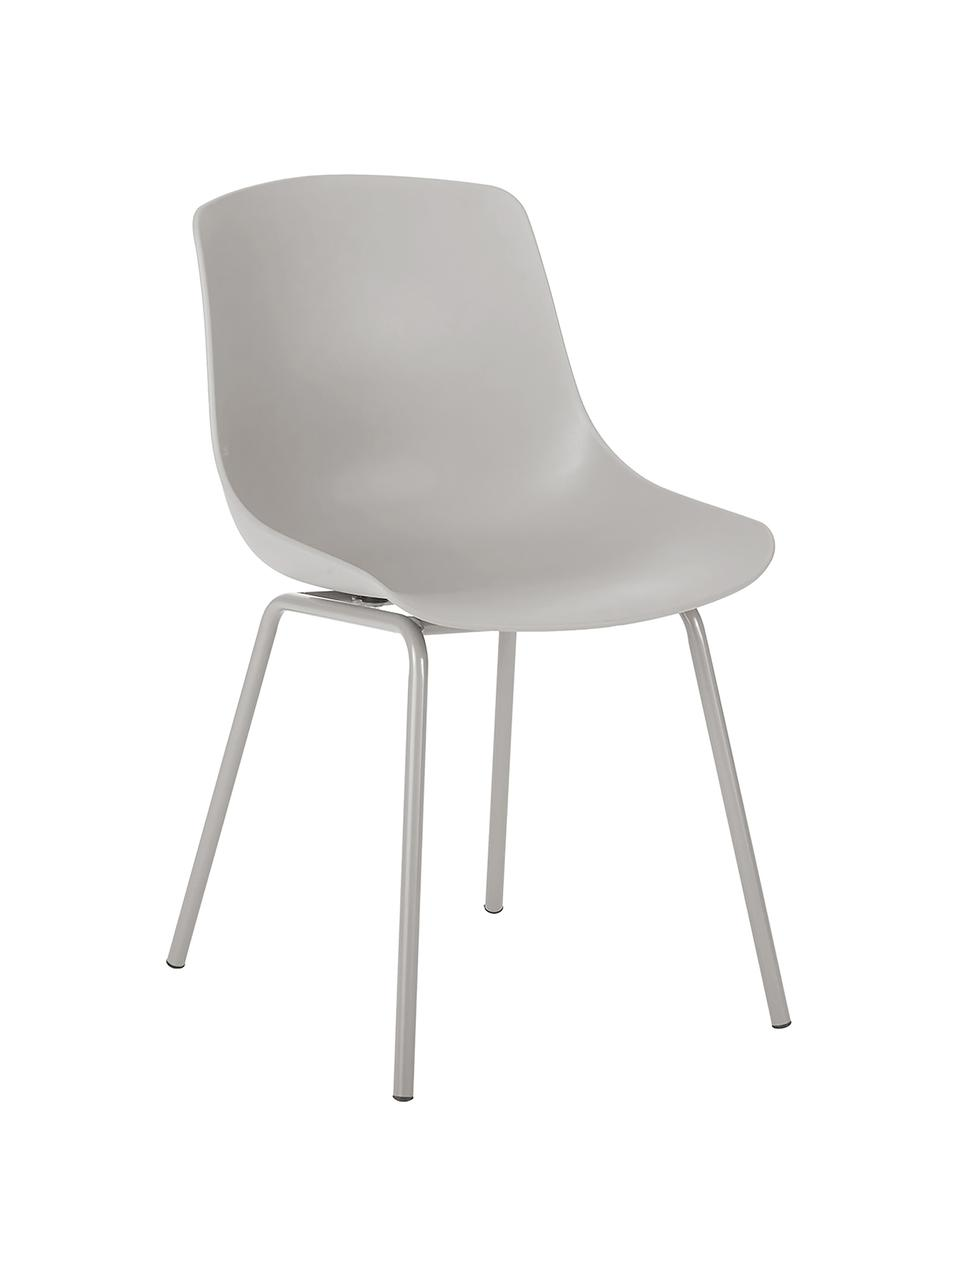 Kunststoffstühle Dave mit Metallbeinen in Taupe, 2 Stück, Sitzfläche: Kunststoff, Beine: Metall, pulverbeschichtet, Taupe, B 46 x T 53 cm